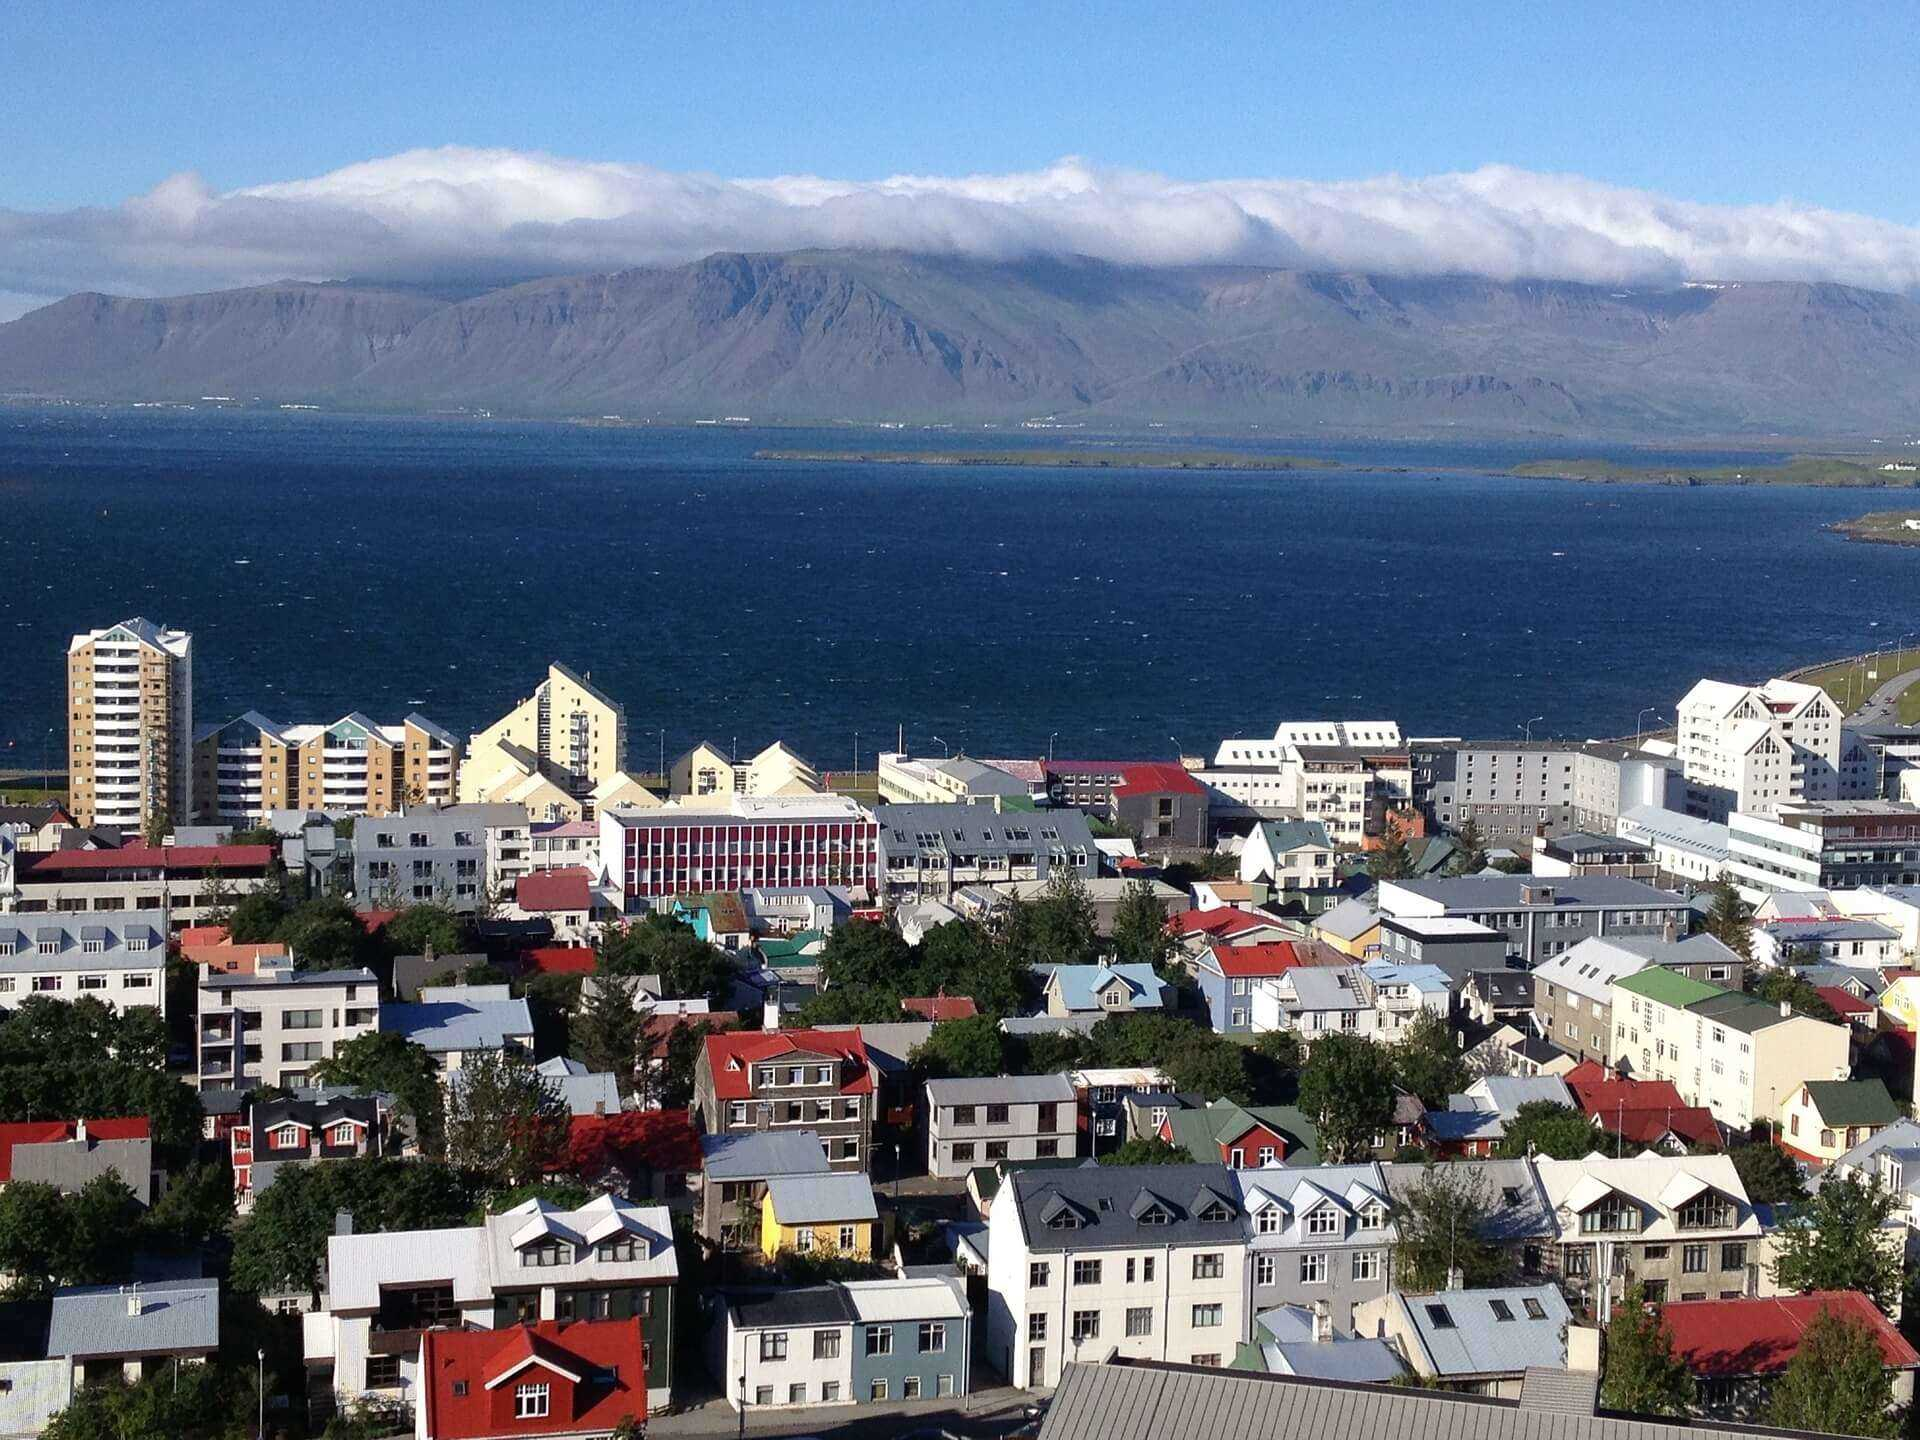 Direktflüge und Billigflüge ab Nürnberg nach Reykjavik